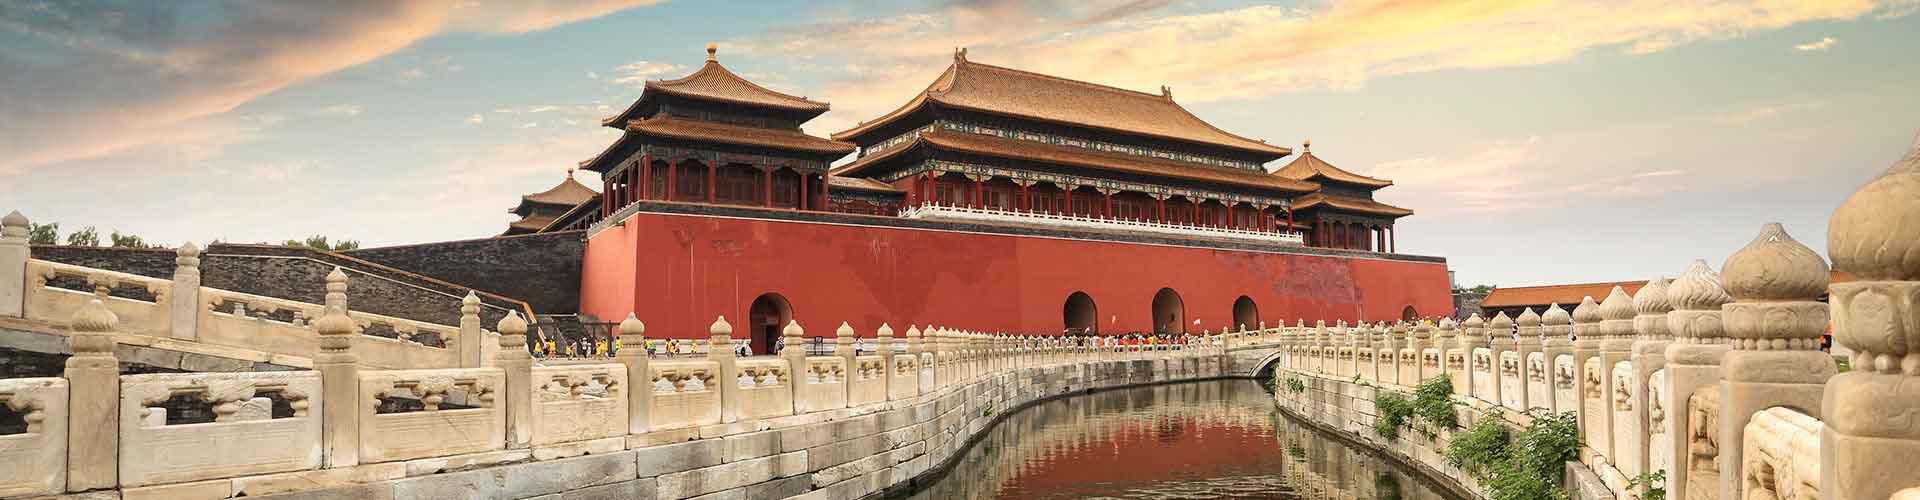 Pechino – Appartamenti a Pechino. Mappe per Pechino, Foto e  Recensioni per ogni Appartamento a Pechino.